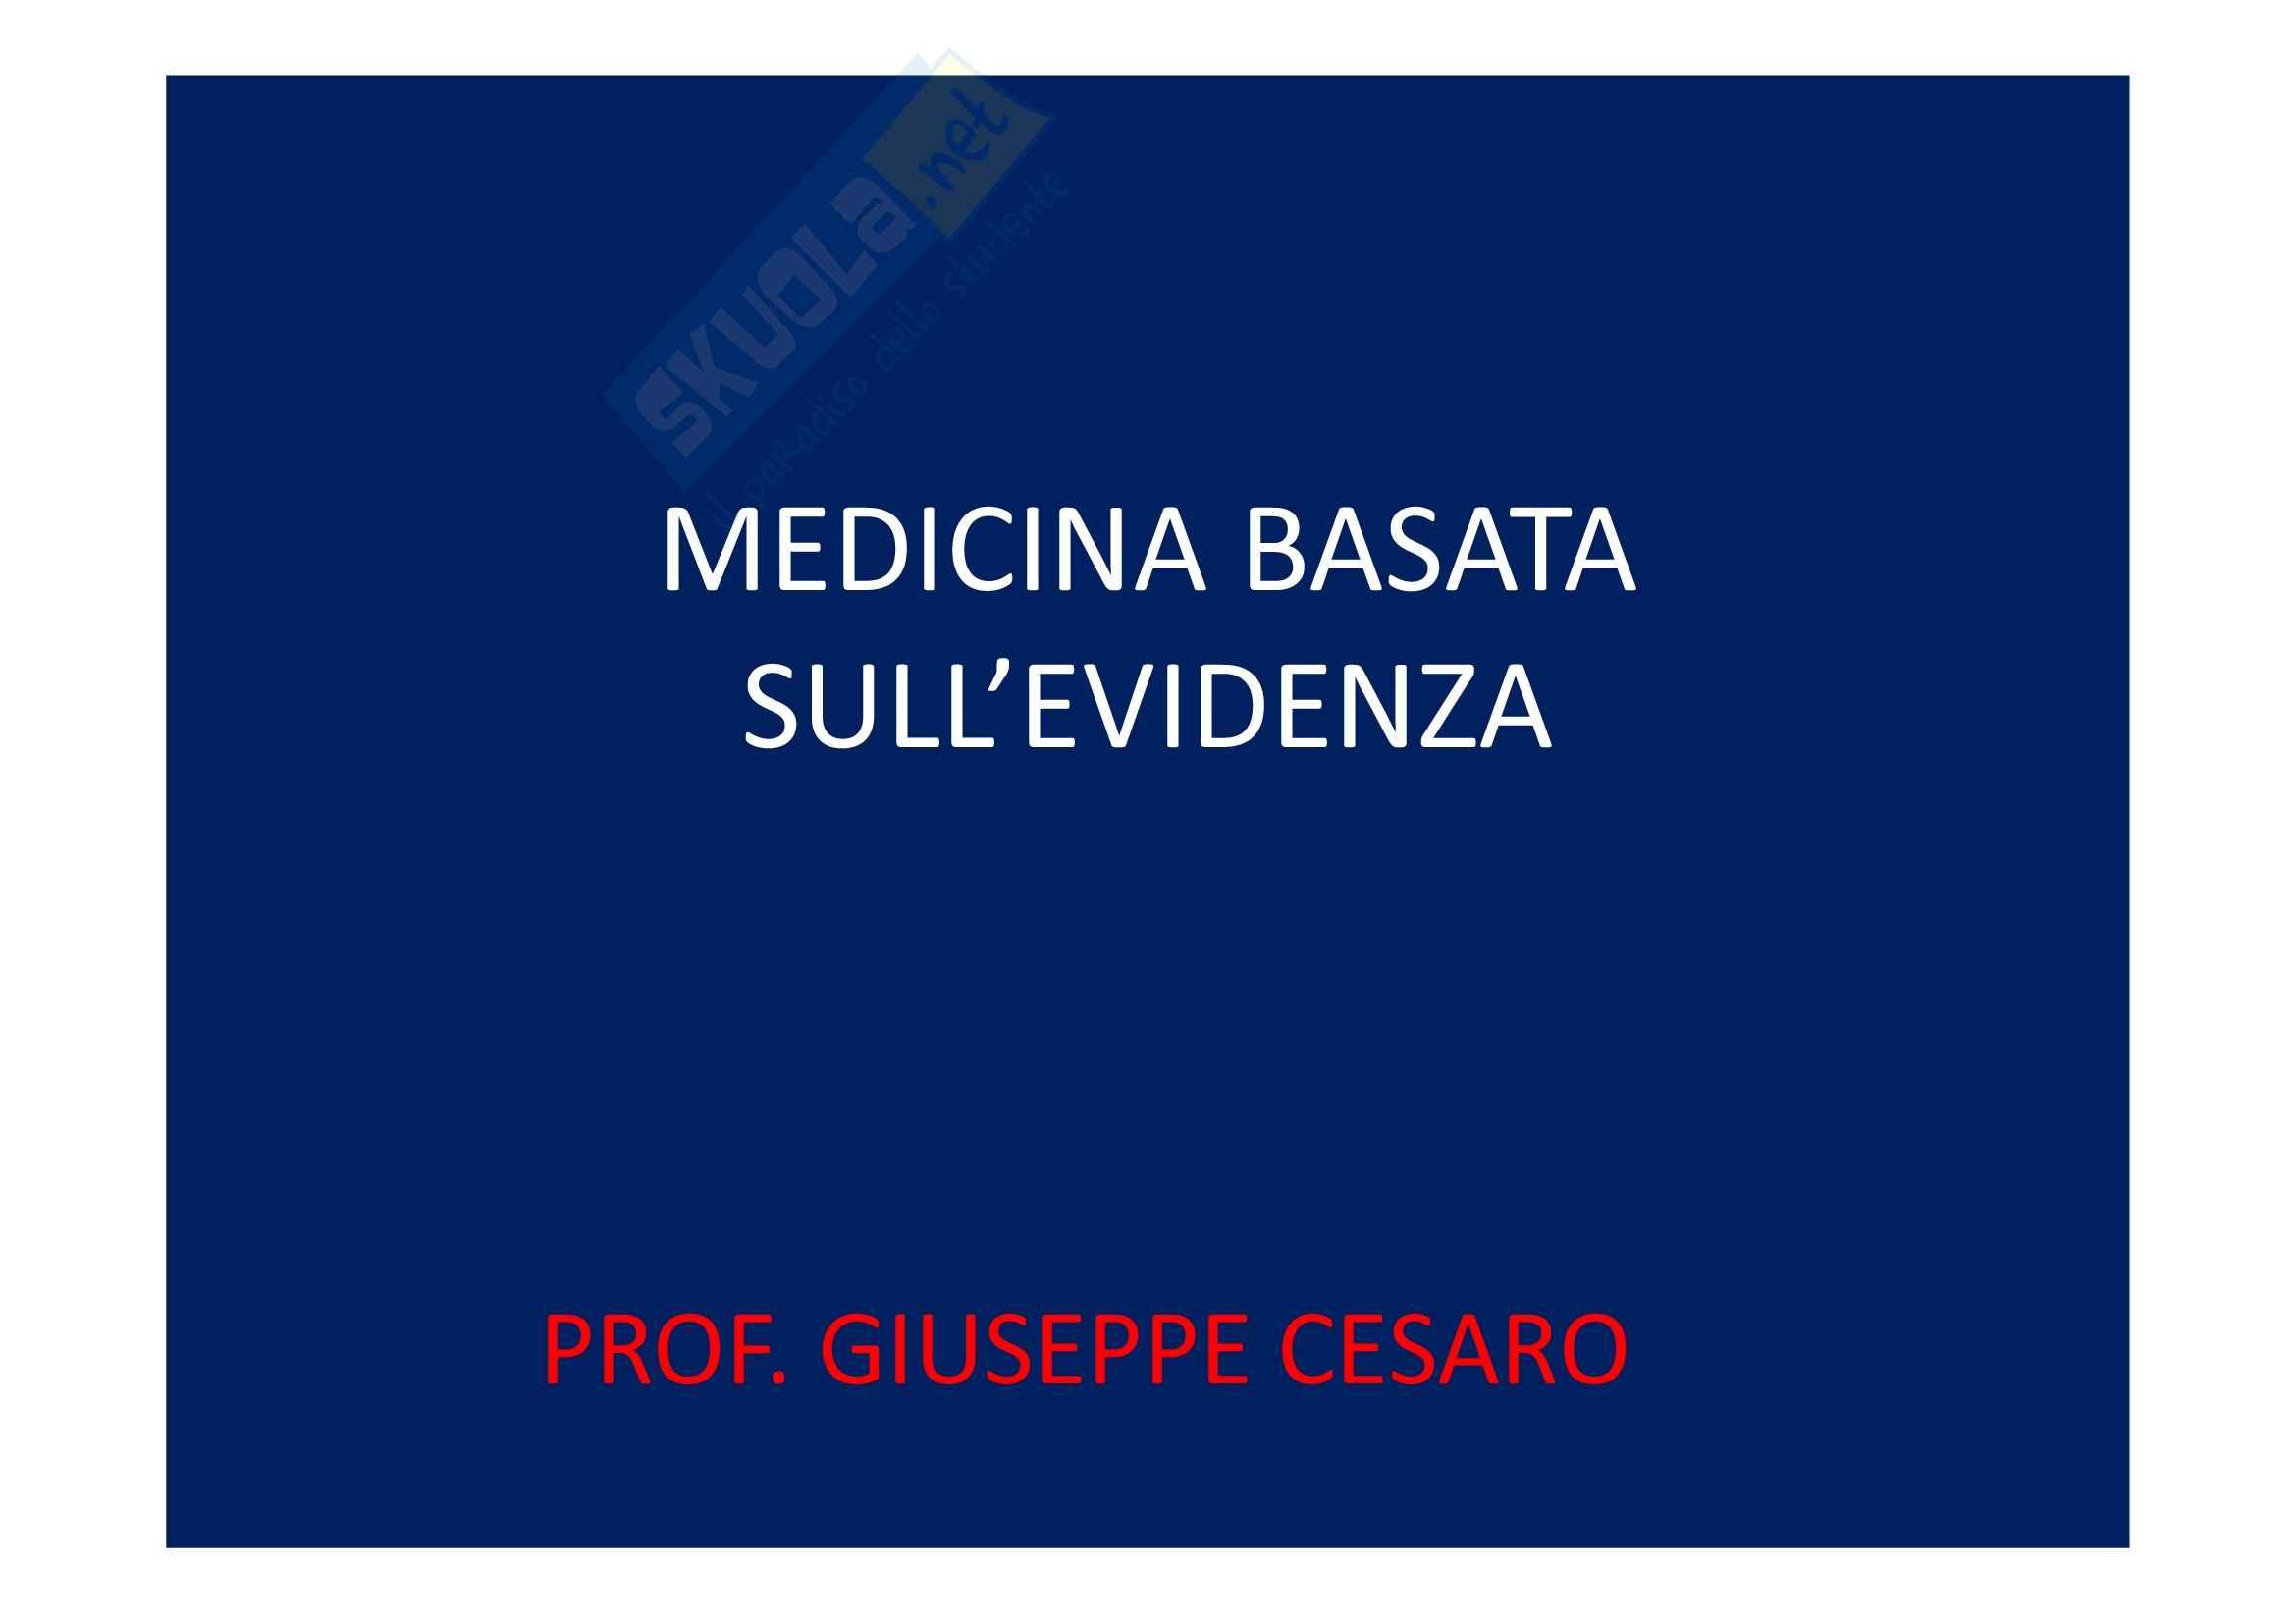 Medicina basata sull'evidenza - sindrome metabolica